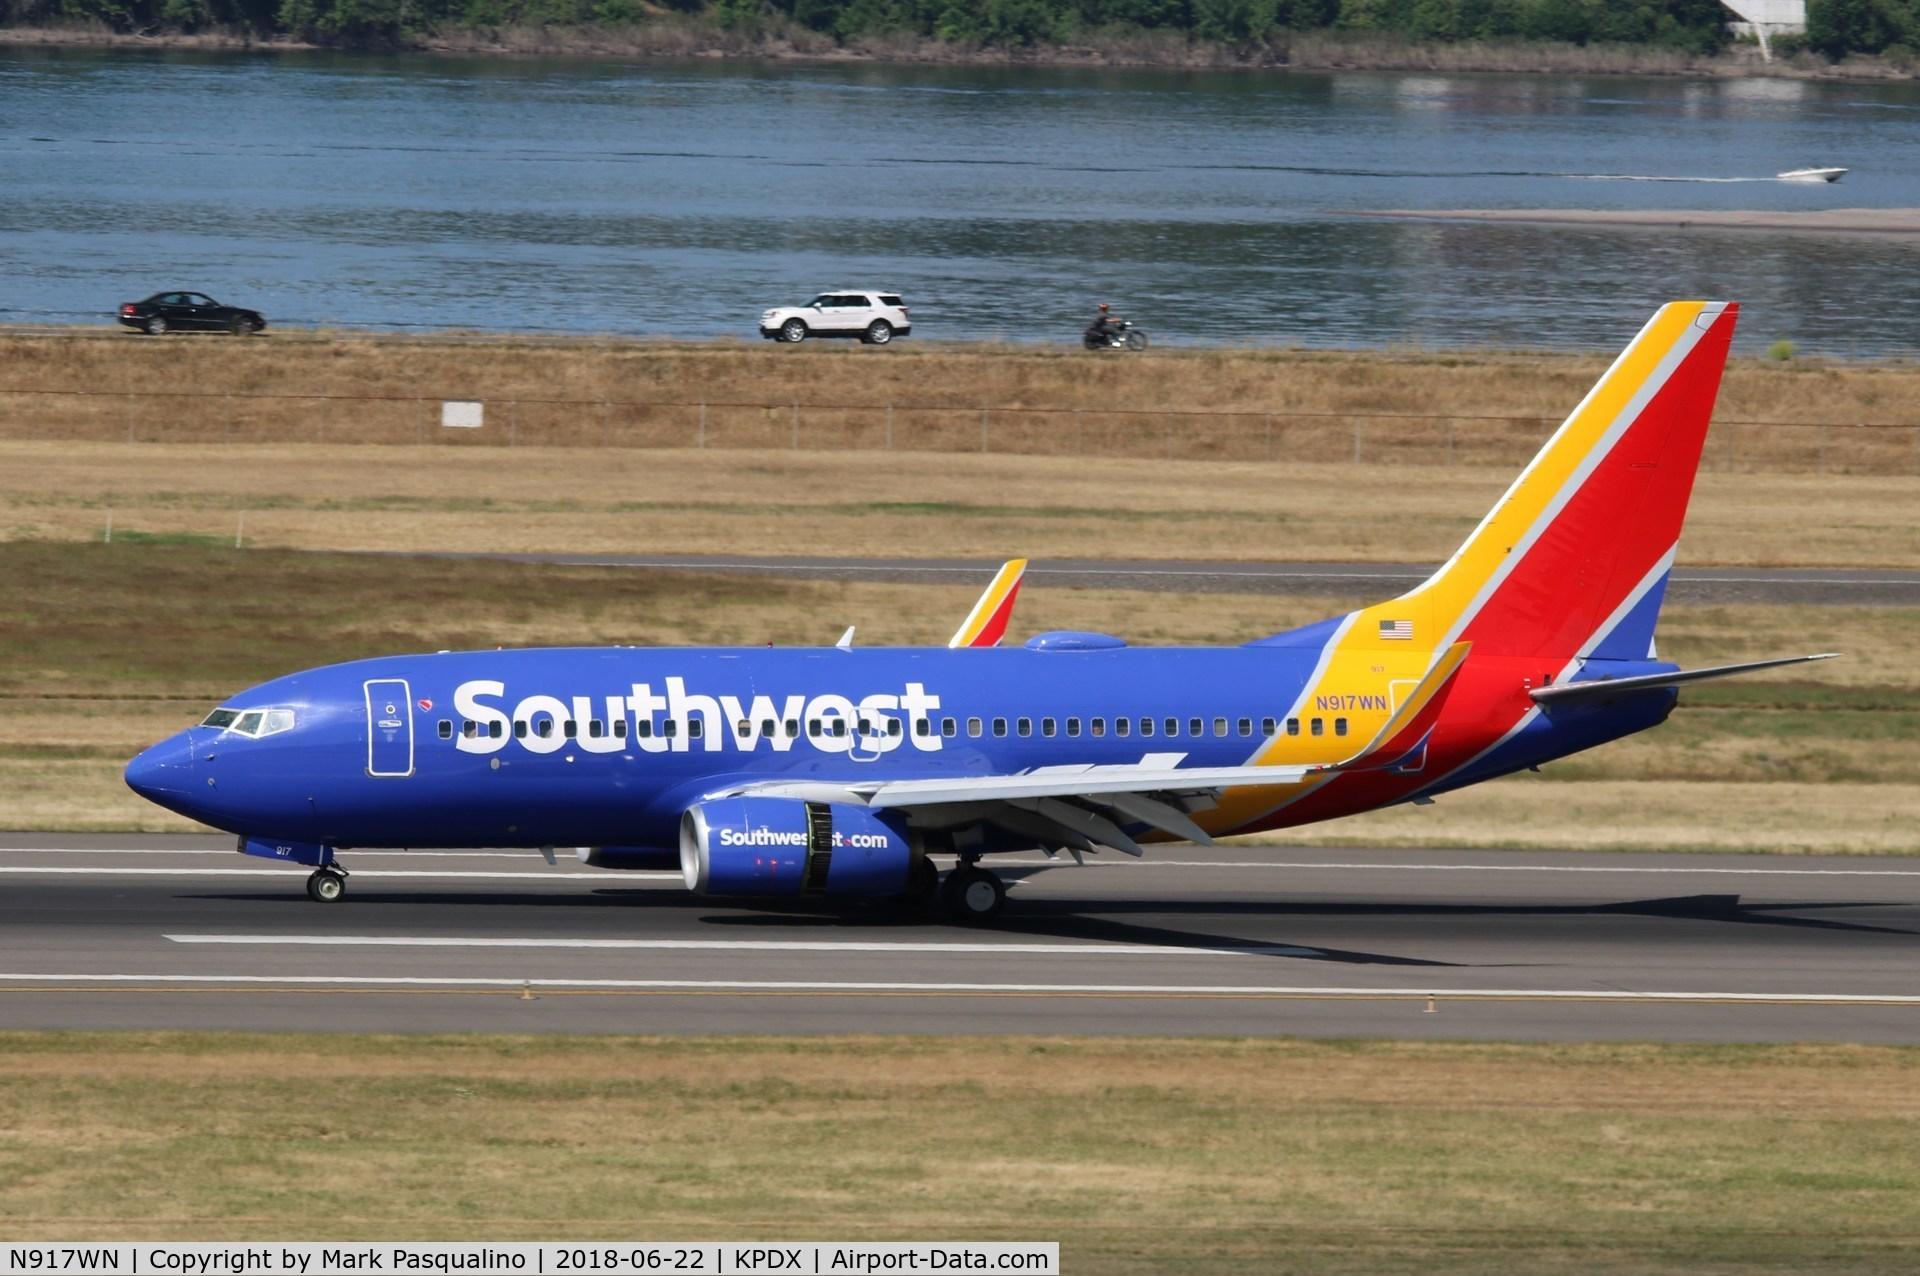 N917WN, 2008 Boeing 737-7H4 C/N 36624, Boeing 737-700